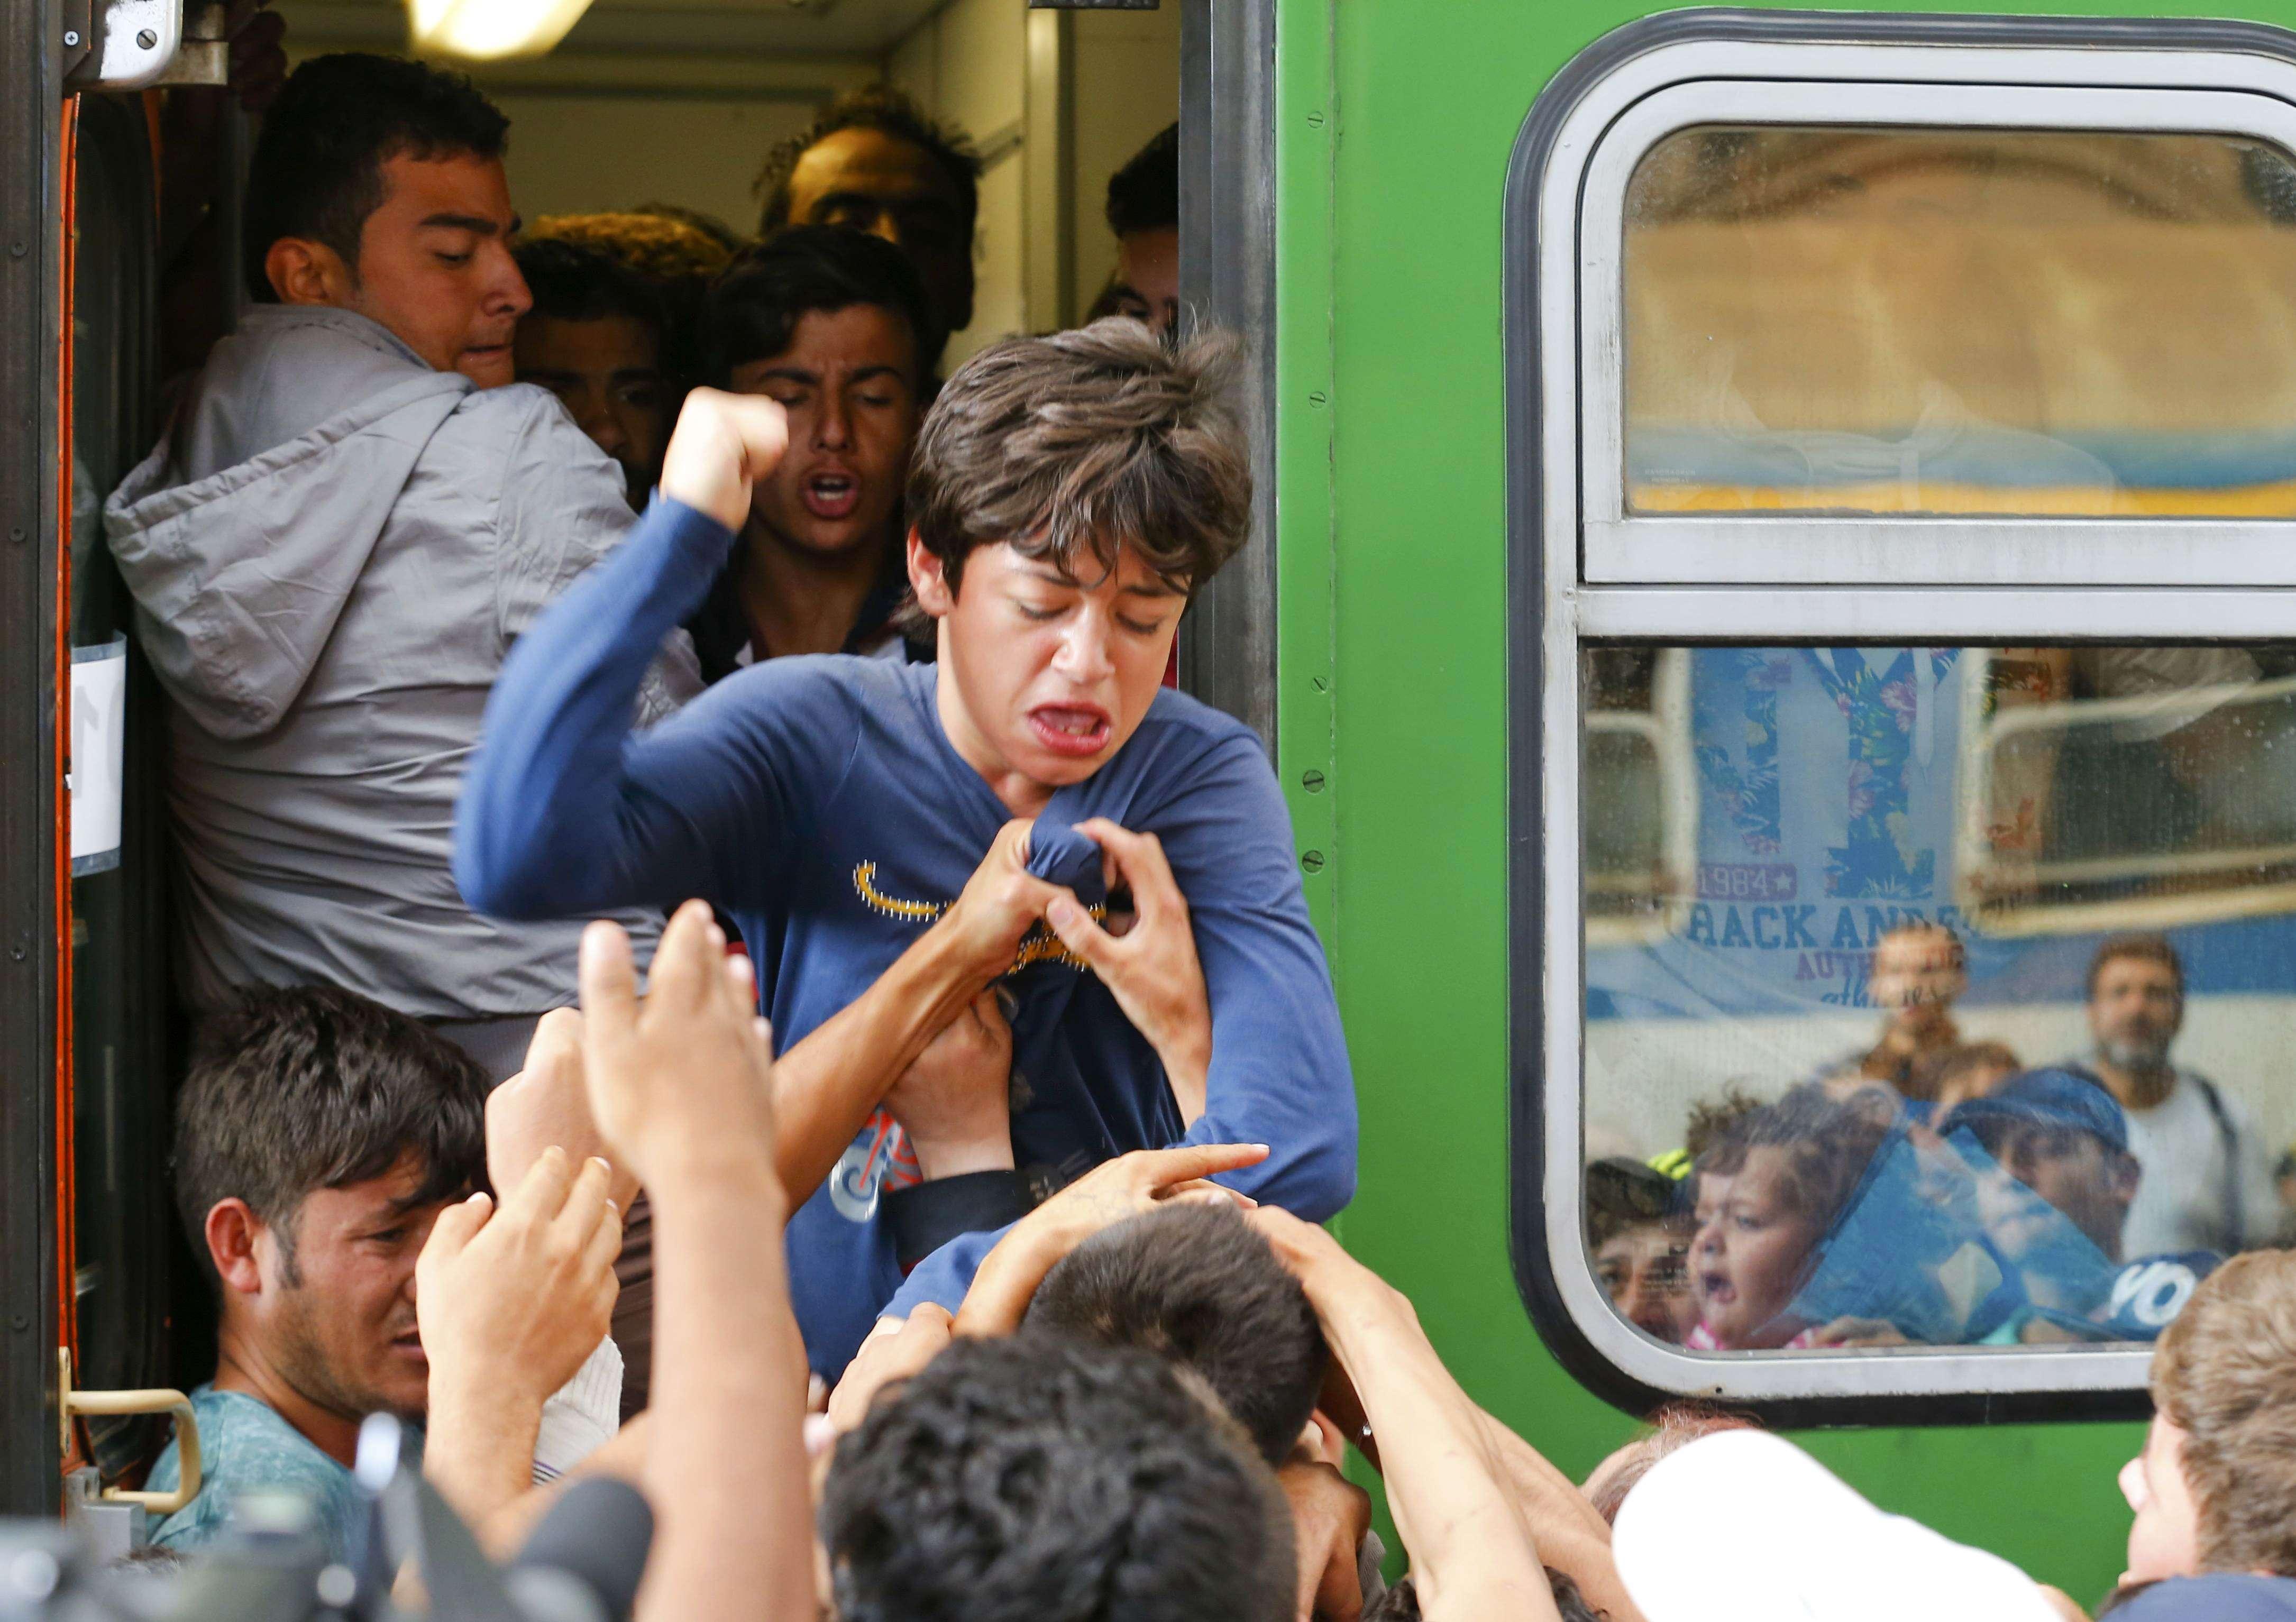 Conflict între imigranţi, la urcarea în tren (Foto: Reuters/Laszlo Balogh)